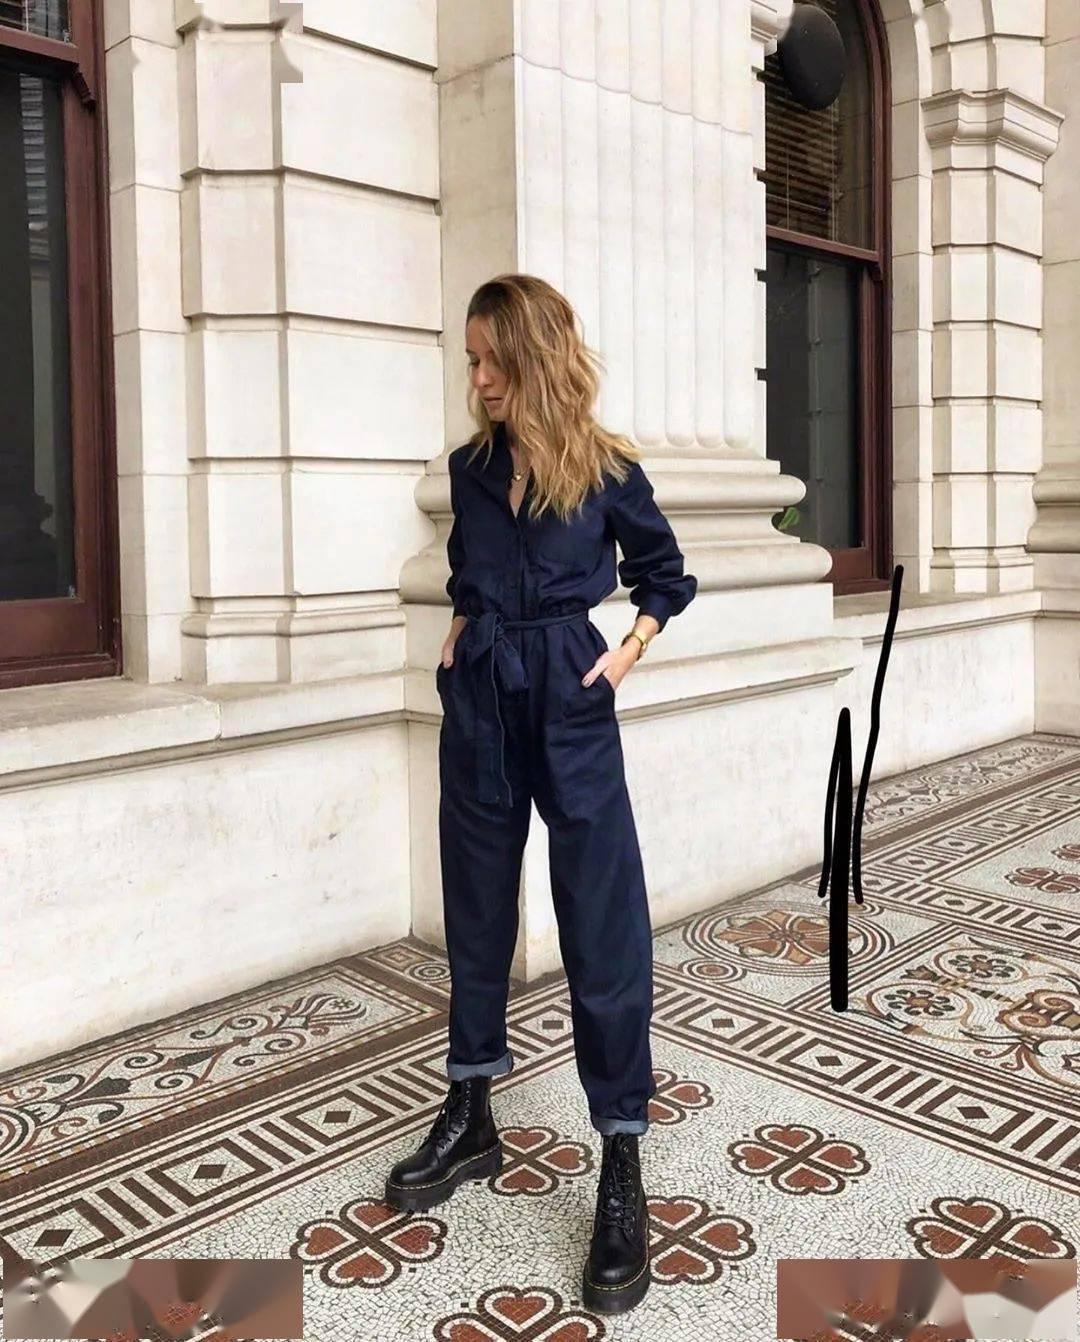 马丁靴+裙子,马丁靴+工装裤……又酷又撩,时髦炸了!     第48张